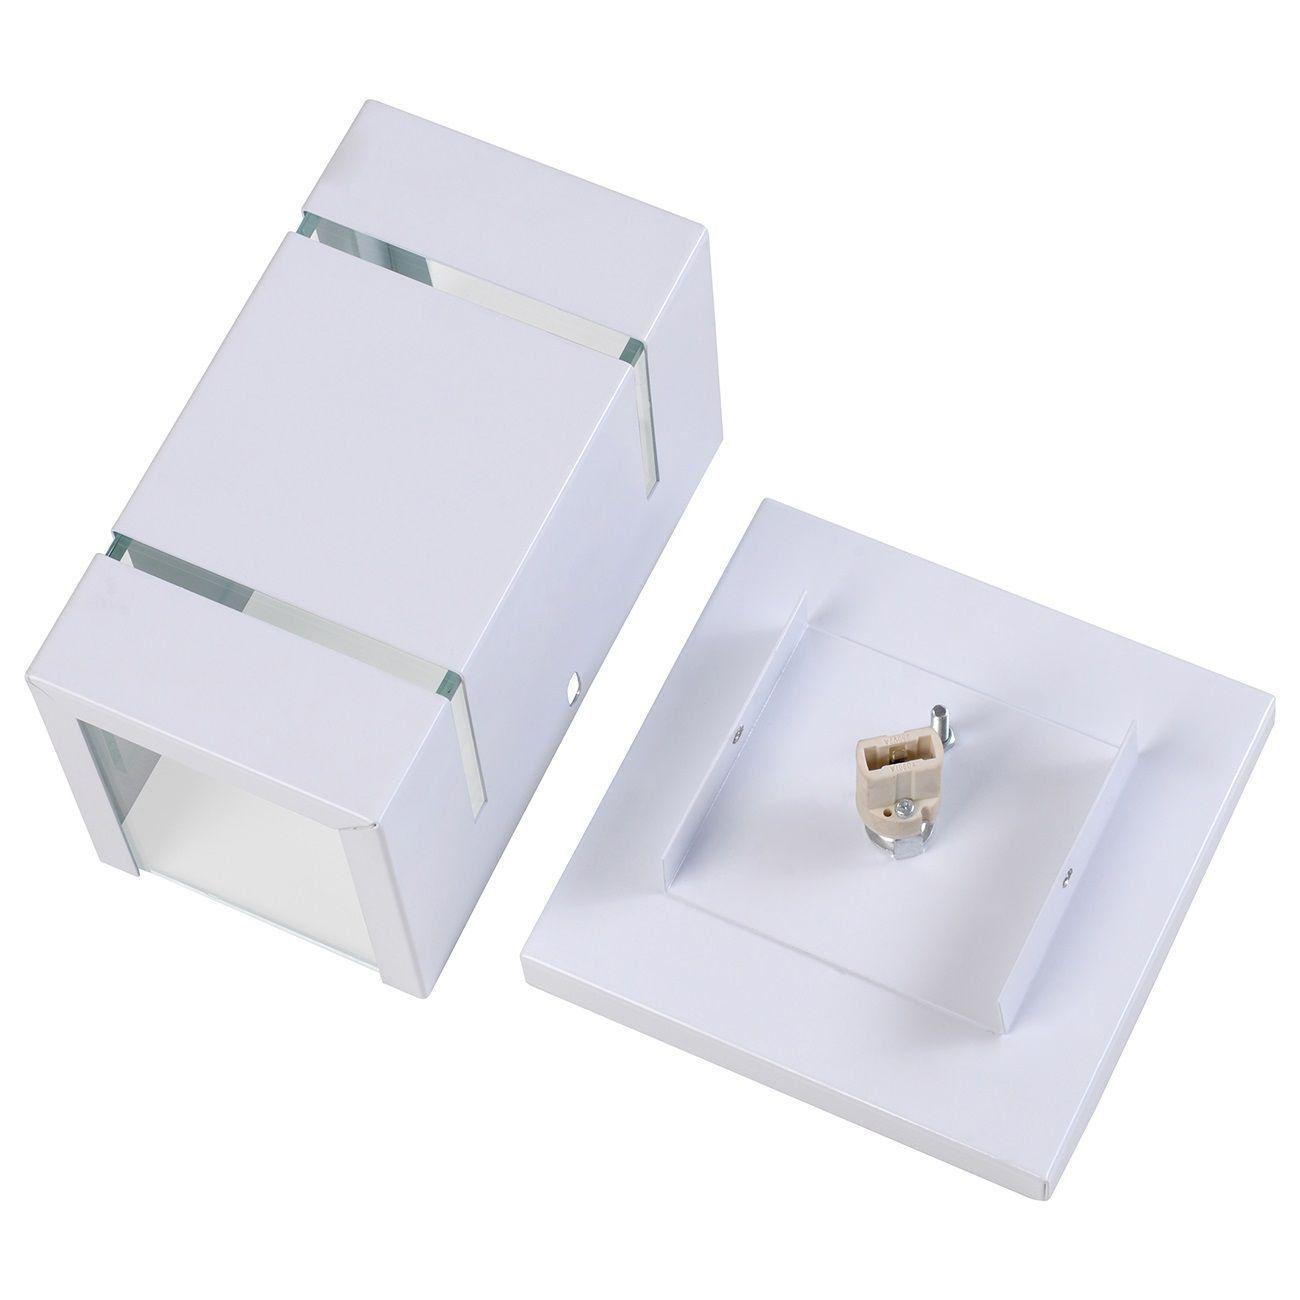 Arandela Catarina 8cm com Base Frisos Externa Interna Muro Parede Alumínio Branco - Rei da Iluminação